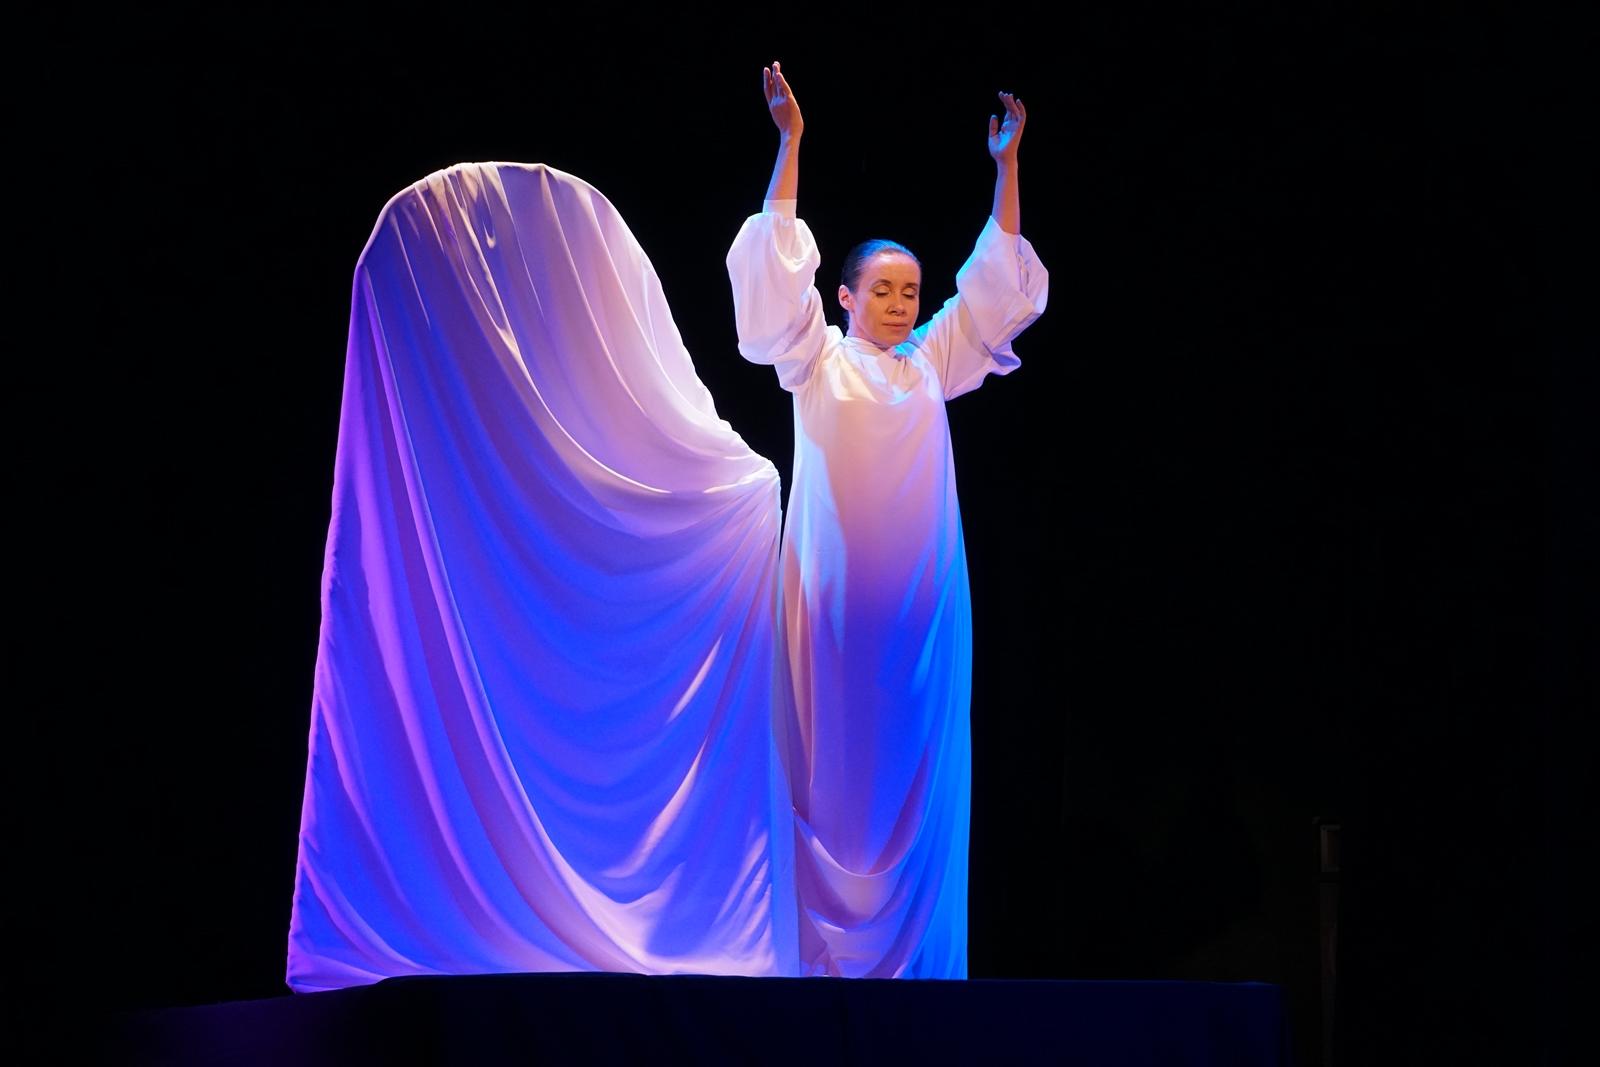 В обласному центрі Закарпаття завершився III Міжнародний театральний фестиваль «Монологи над Ужем»